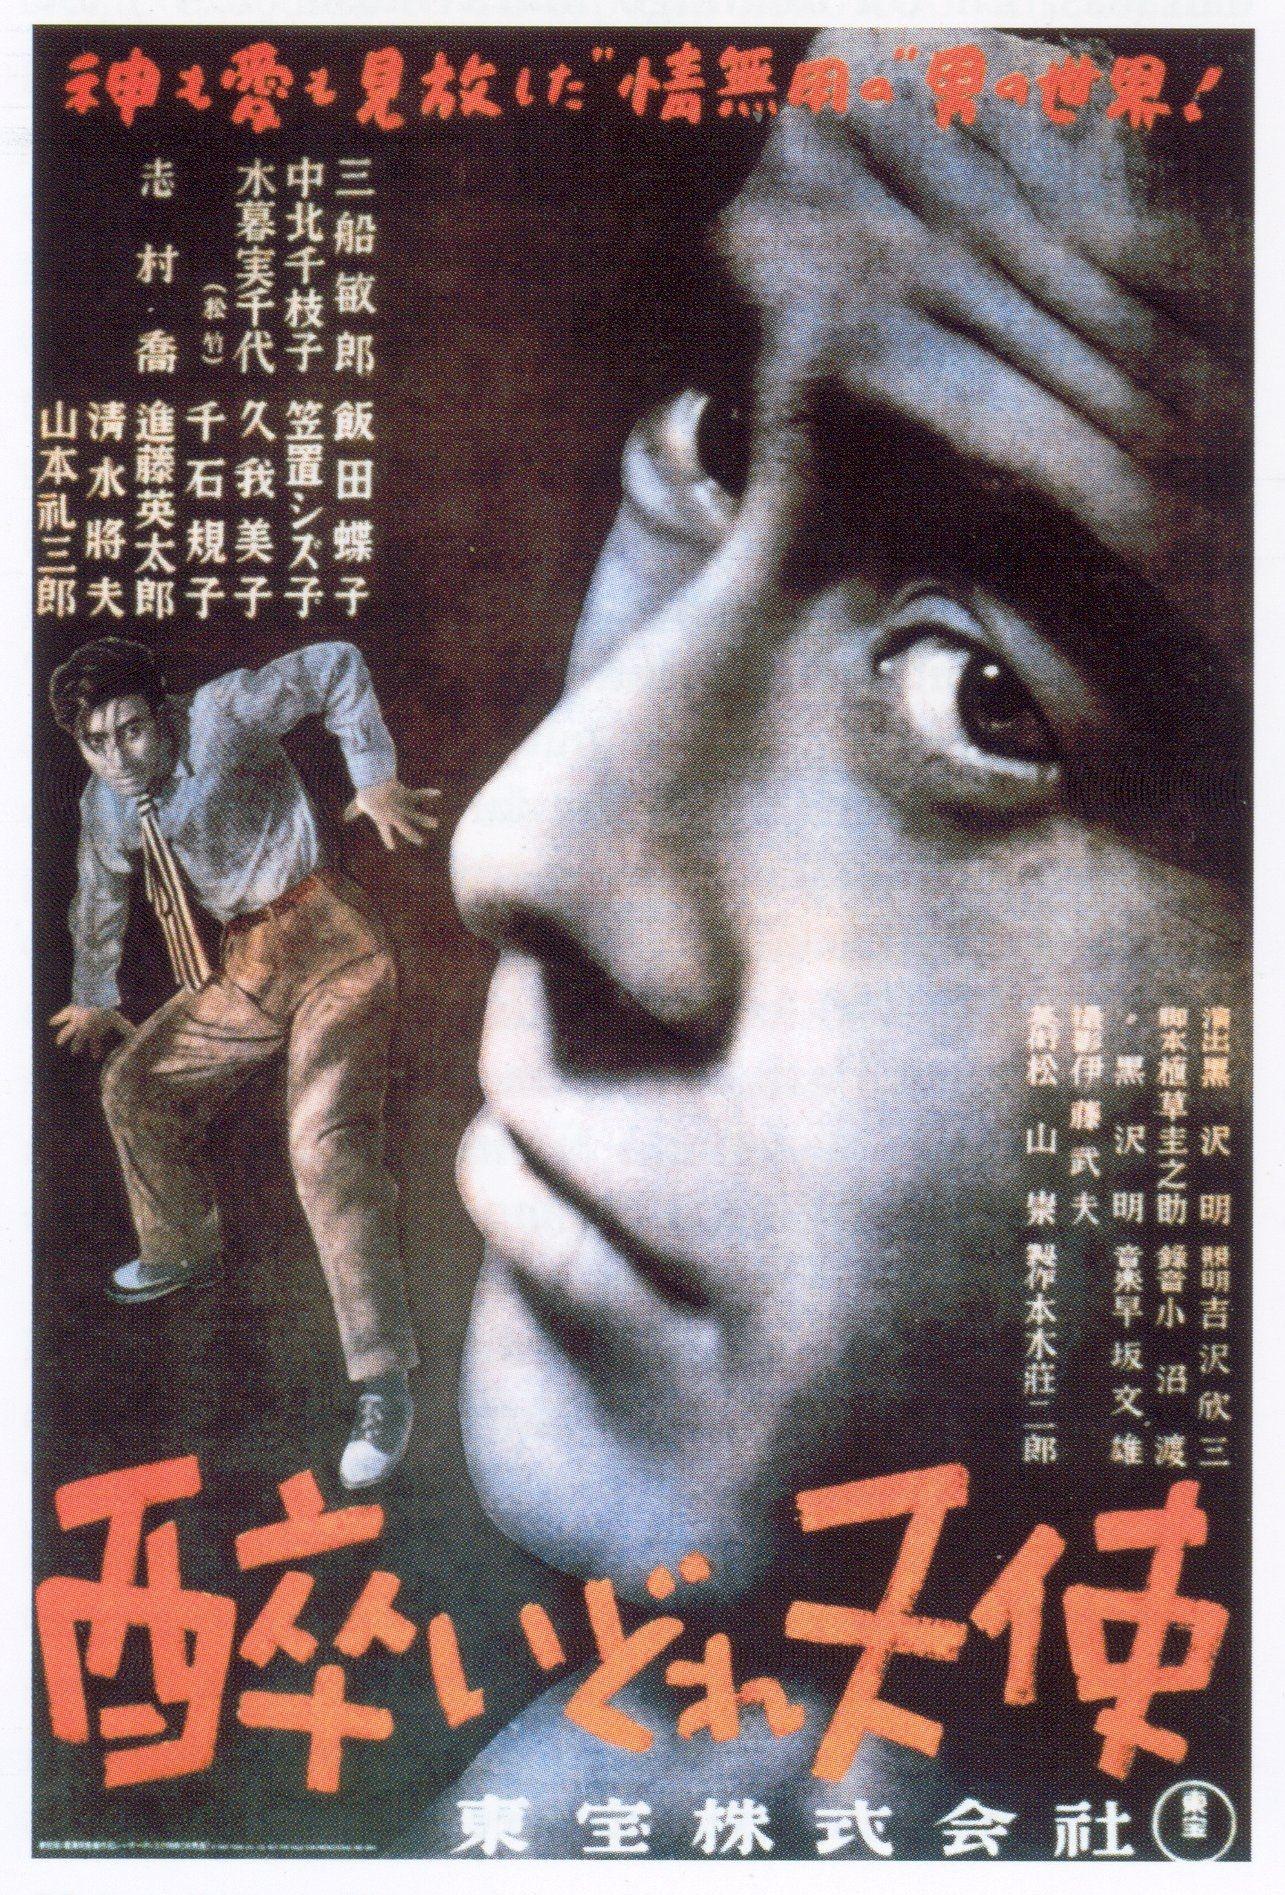 """""""Пьяный ангел"""", Япония, 1948, режиссёр Акира Куросава, автор сценария Кэйноскэ Уэгуса, композиторы Рюити Хаттори и Фумио Хаясака"""